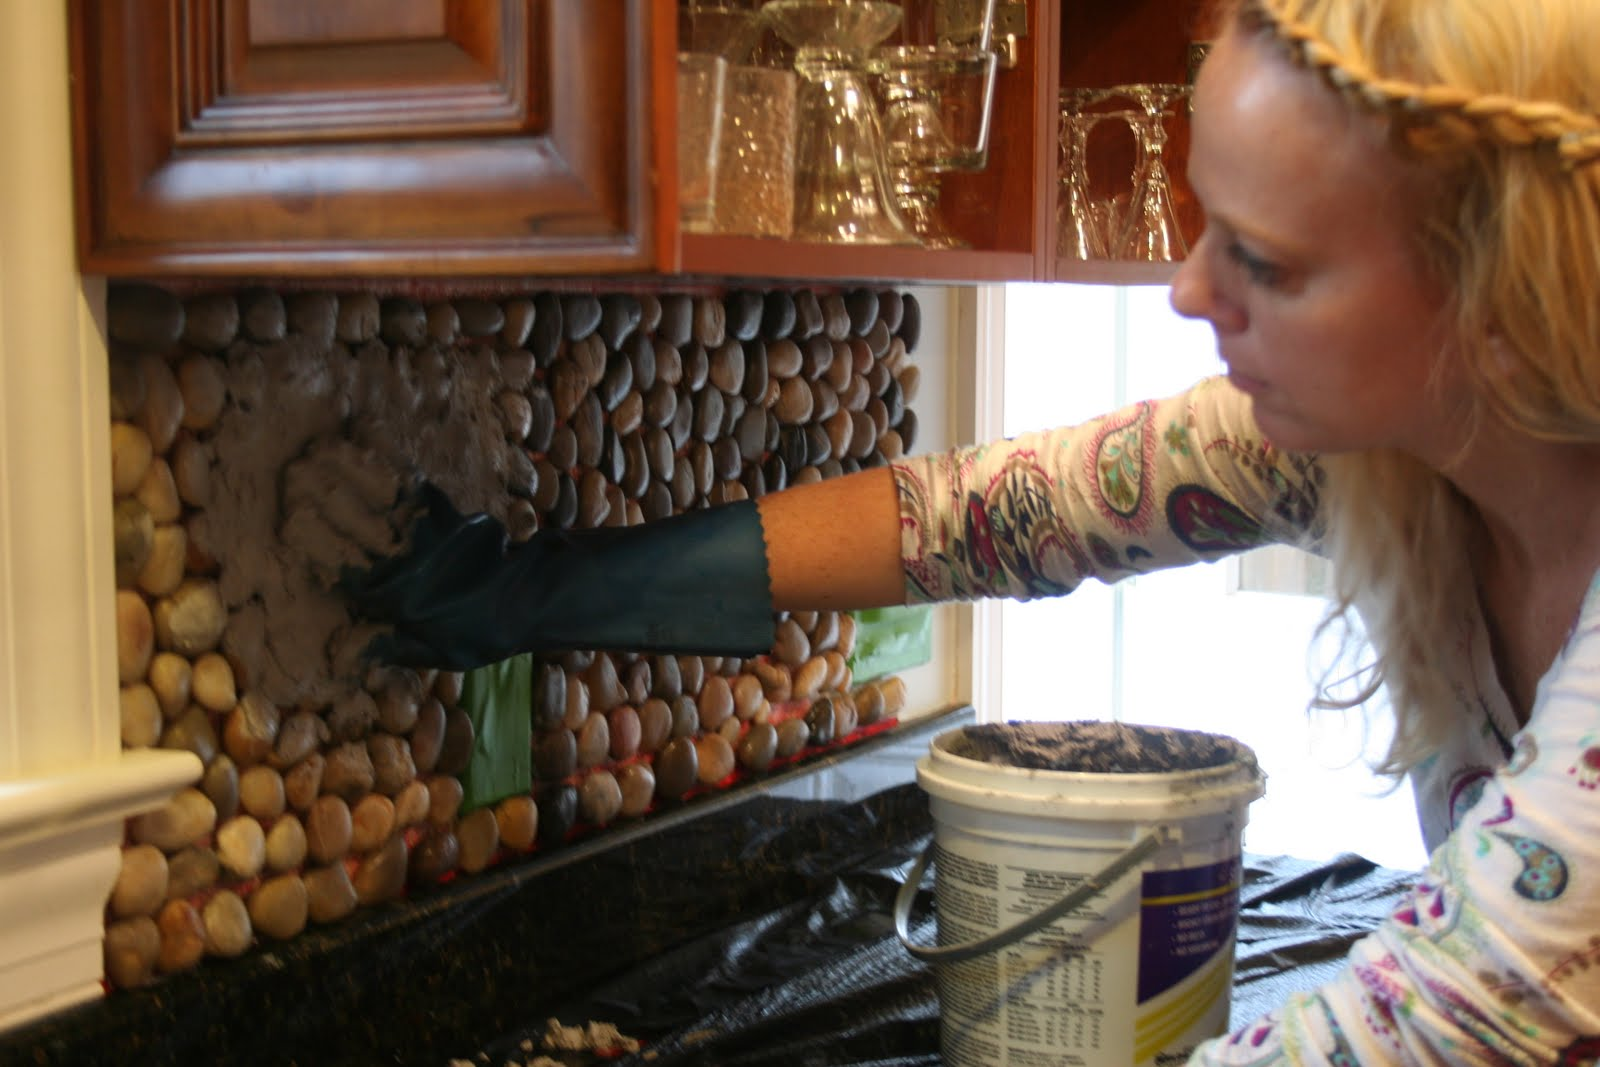 Stone Kitchen Backsplash Under Sink Organizer Garden Tutorial